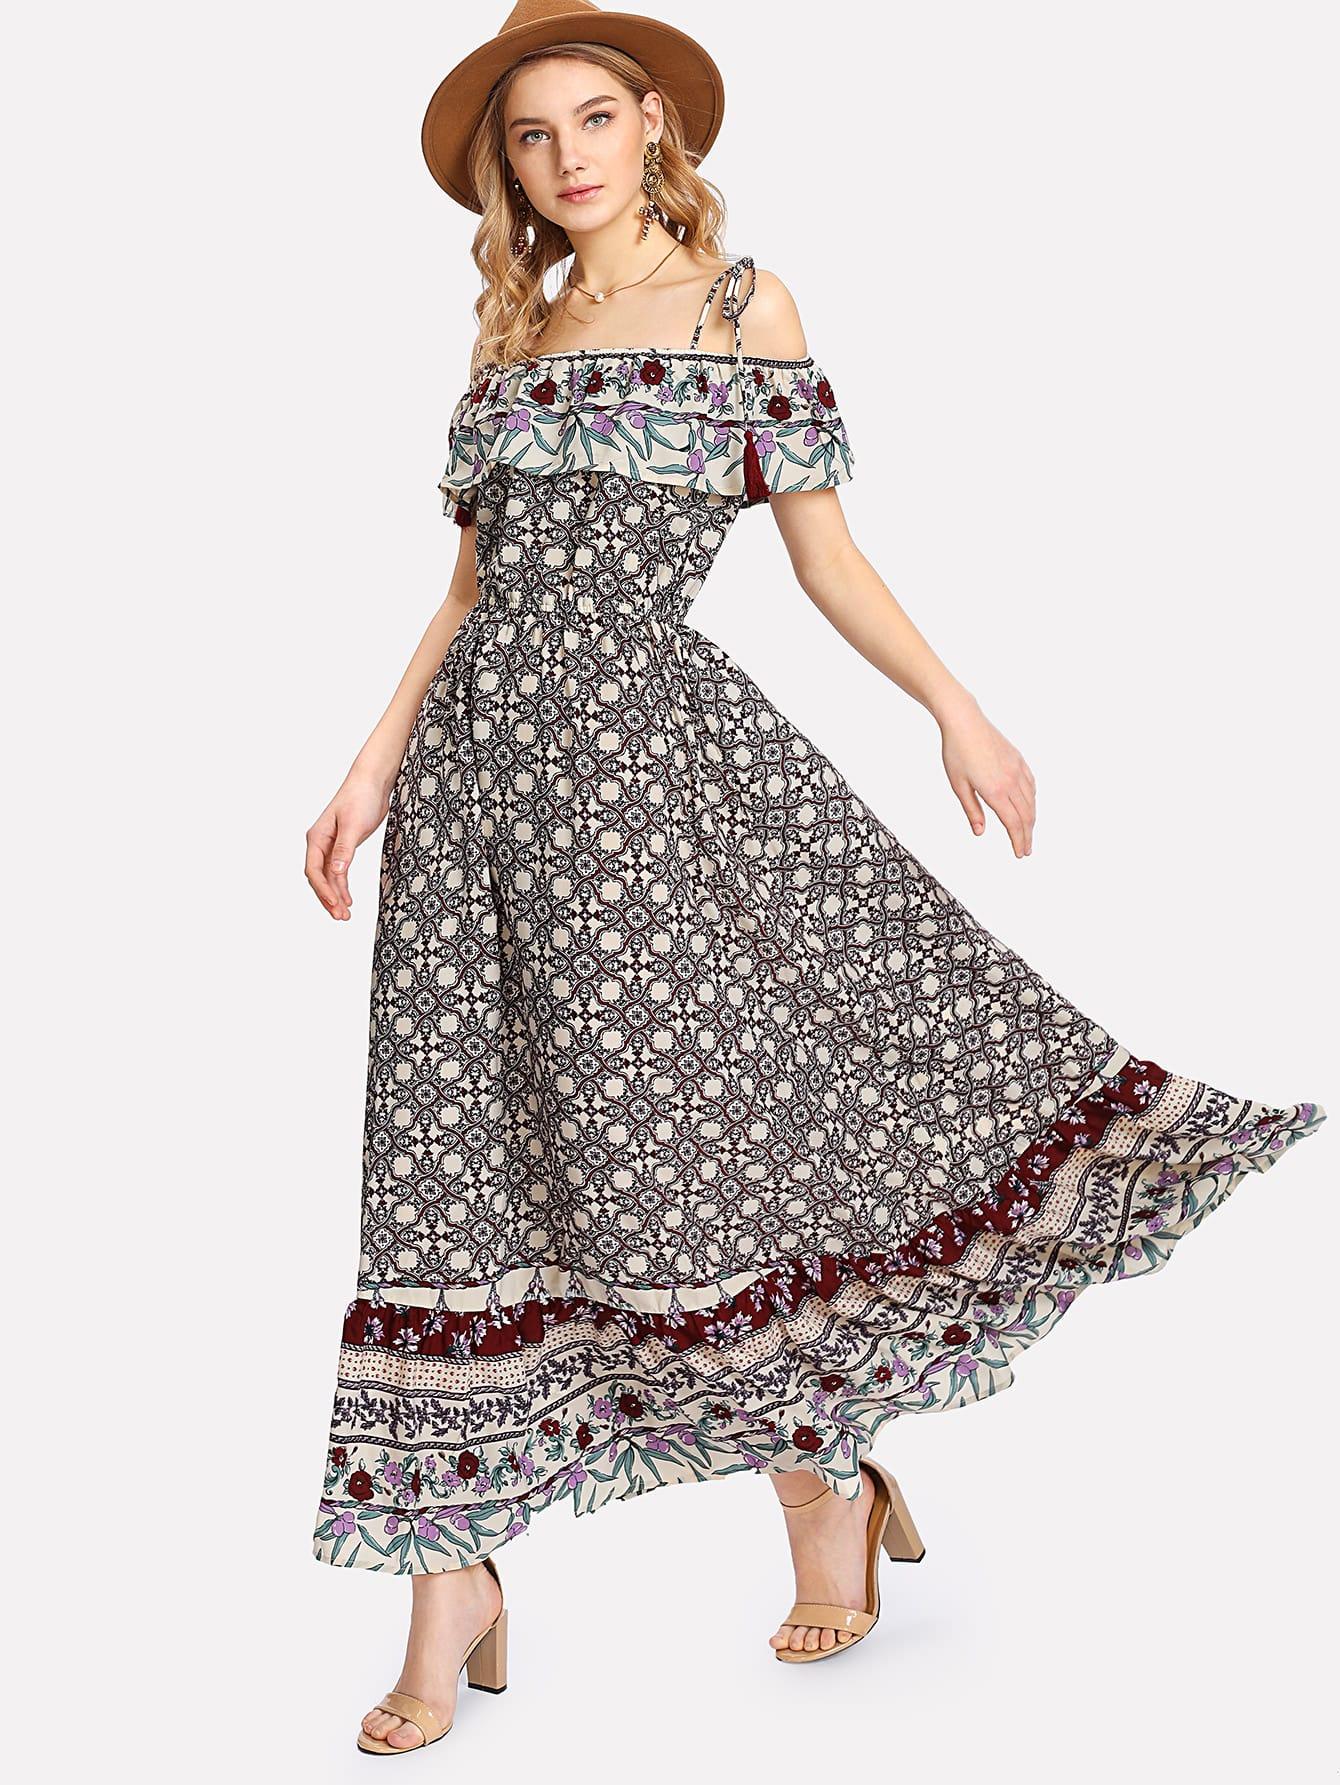 Open Shoulder Ruffle Embellished Floral Dress one shoulder ruffle embellished dress